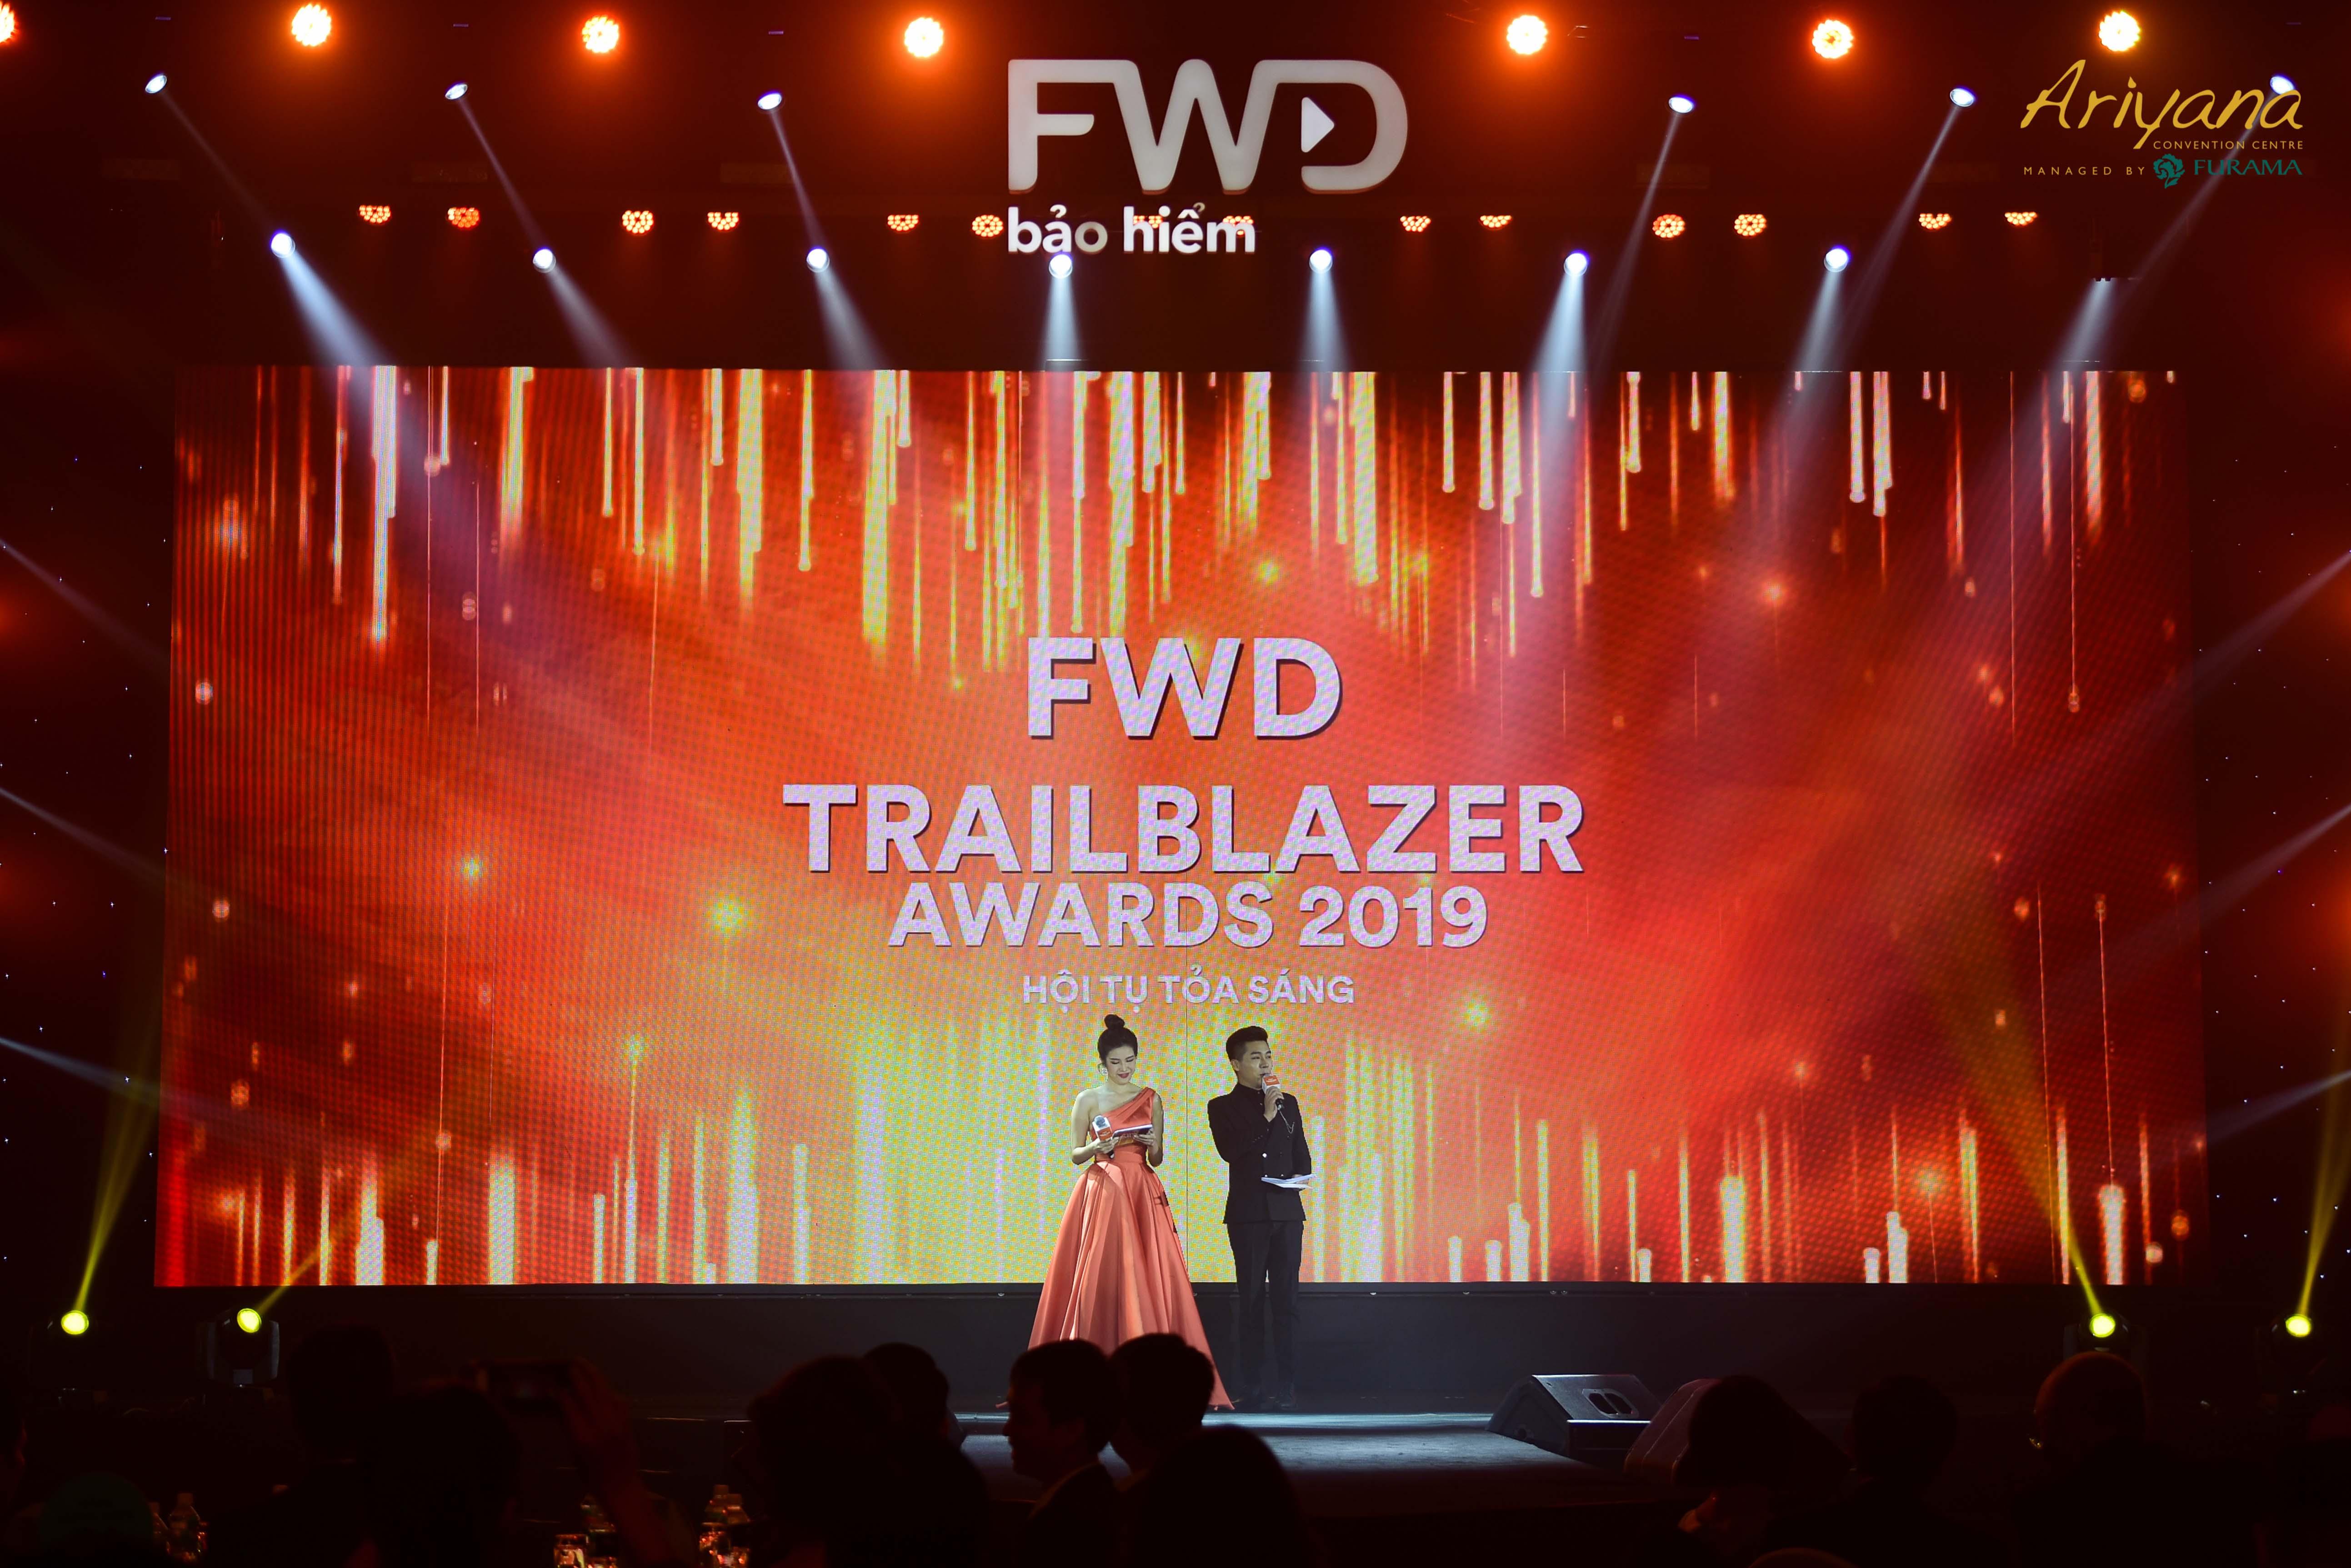 FWD TRAILBLAZER AWARDS 2019